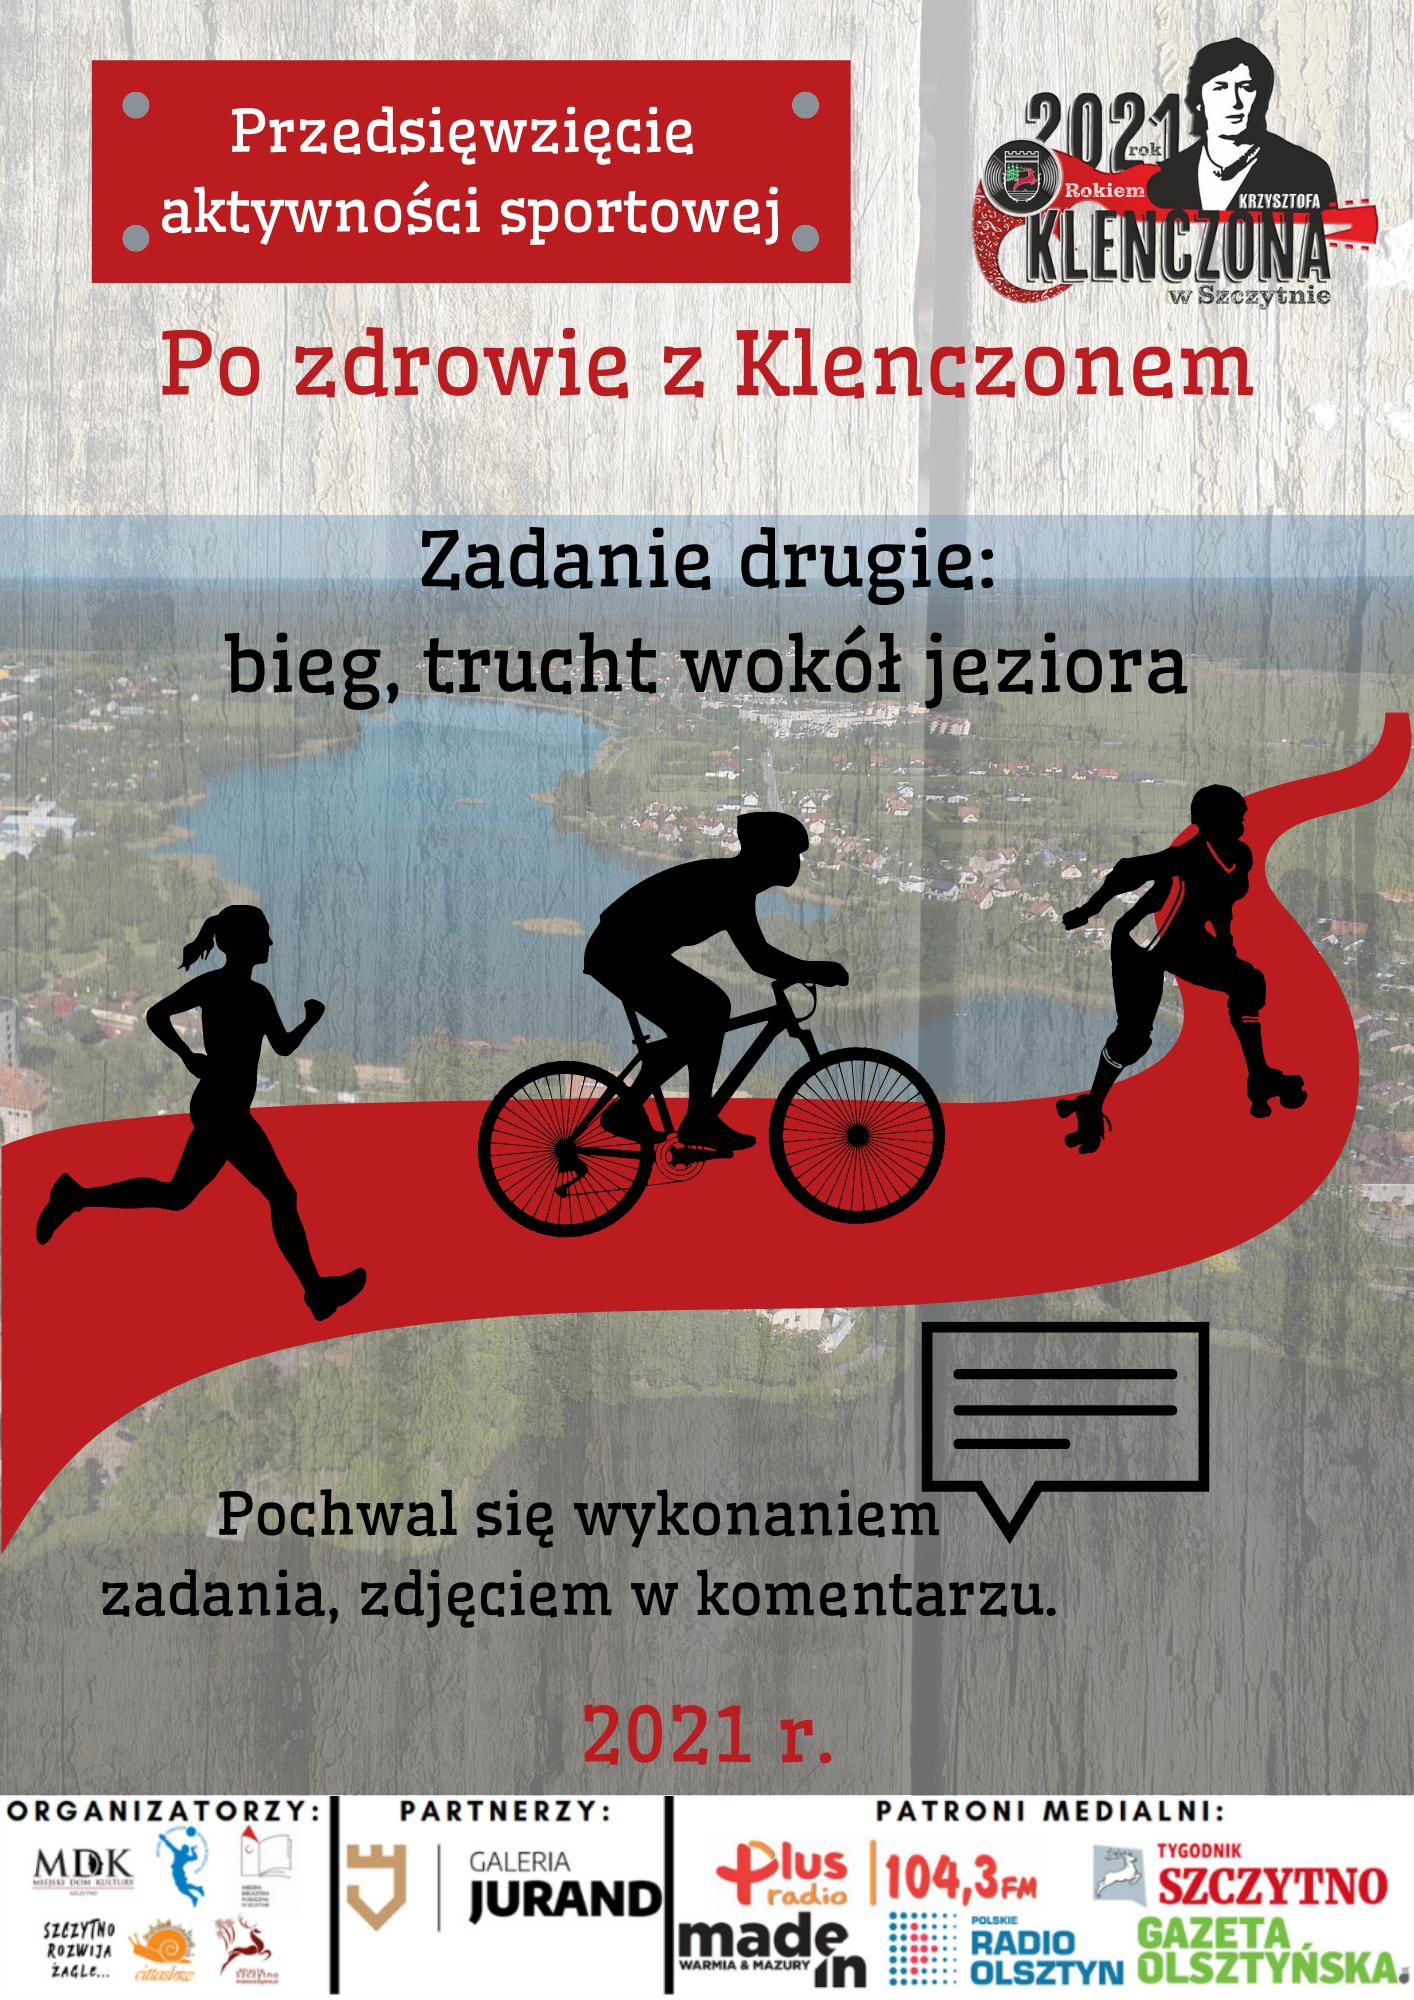 https://m.powiatszczycienski.pl/2021/05/orig/po-zdrowie-z-klenczonem-40463.png